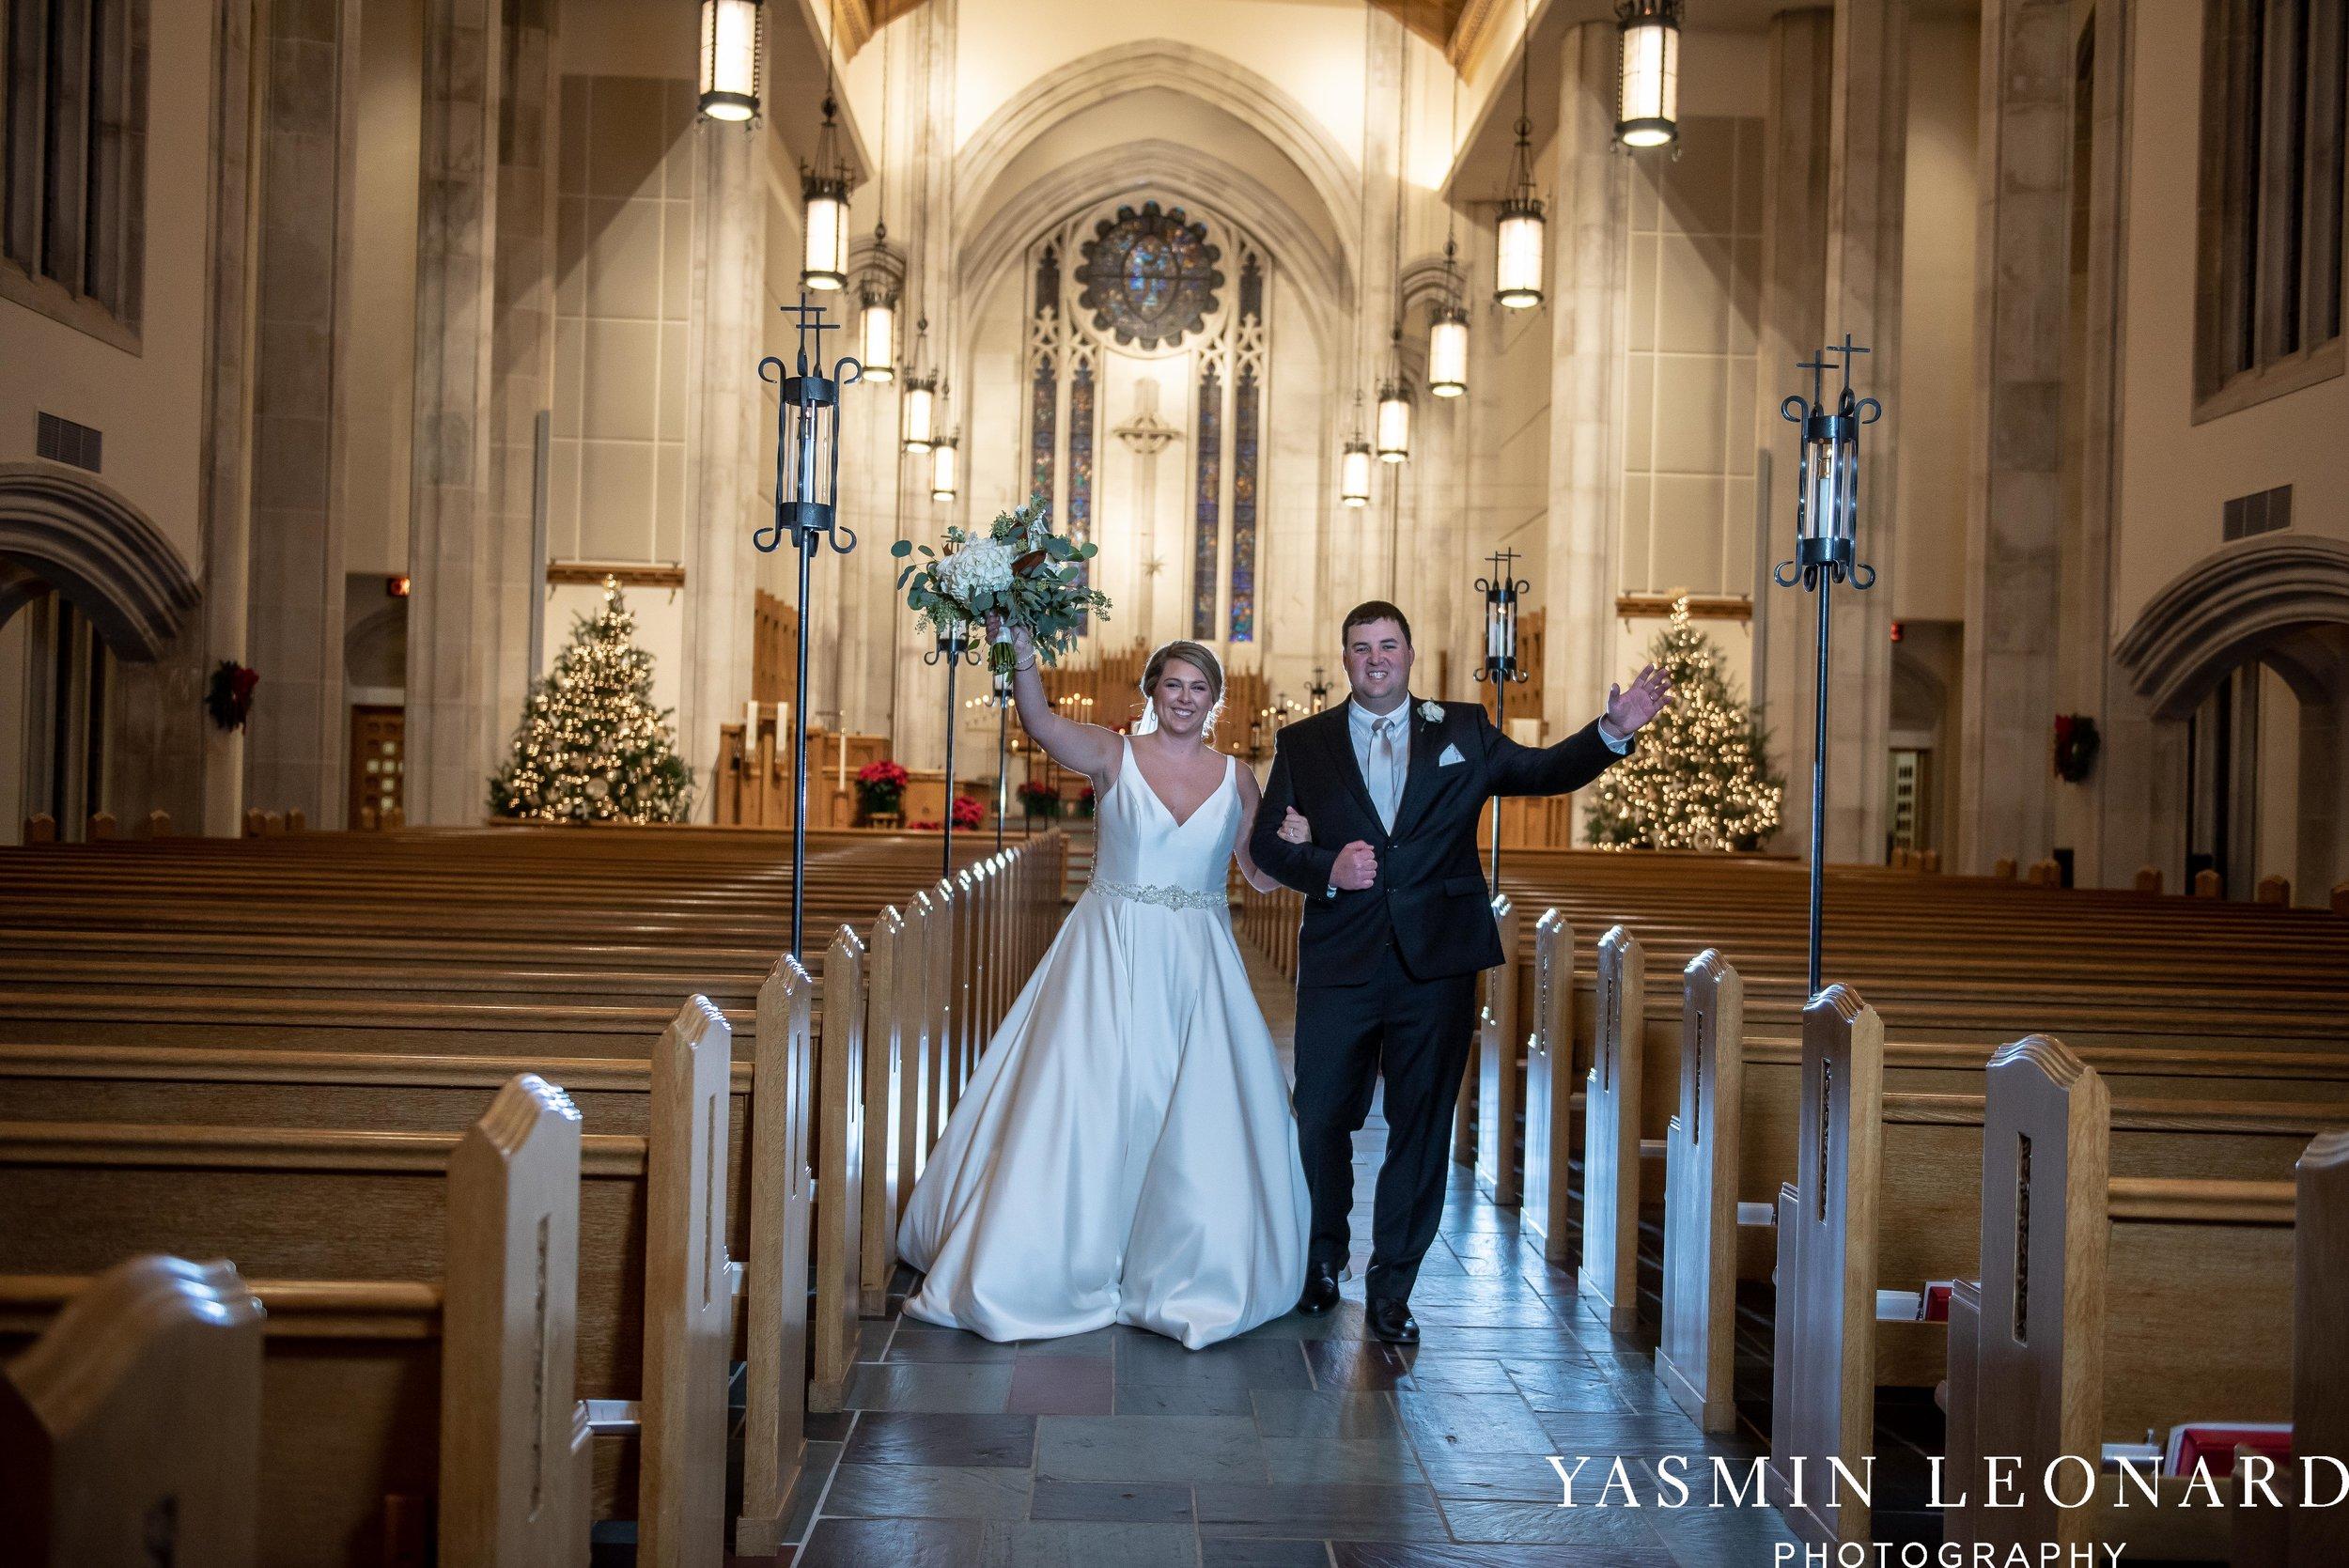 Adaumont Farm - Wesley Memorial Weddings - High Point Weddings - Just Priceless - NC Wedding Photographer - Yasmin Leonard Photography - High Point Wedding Vendors-48.jpg